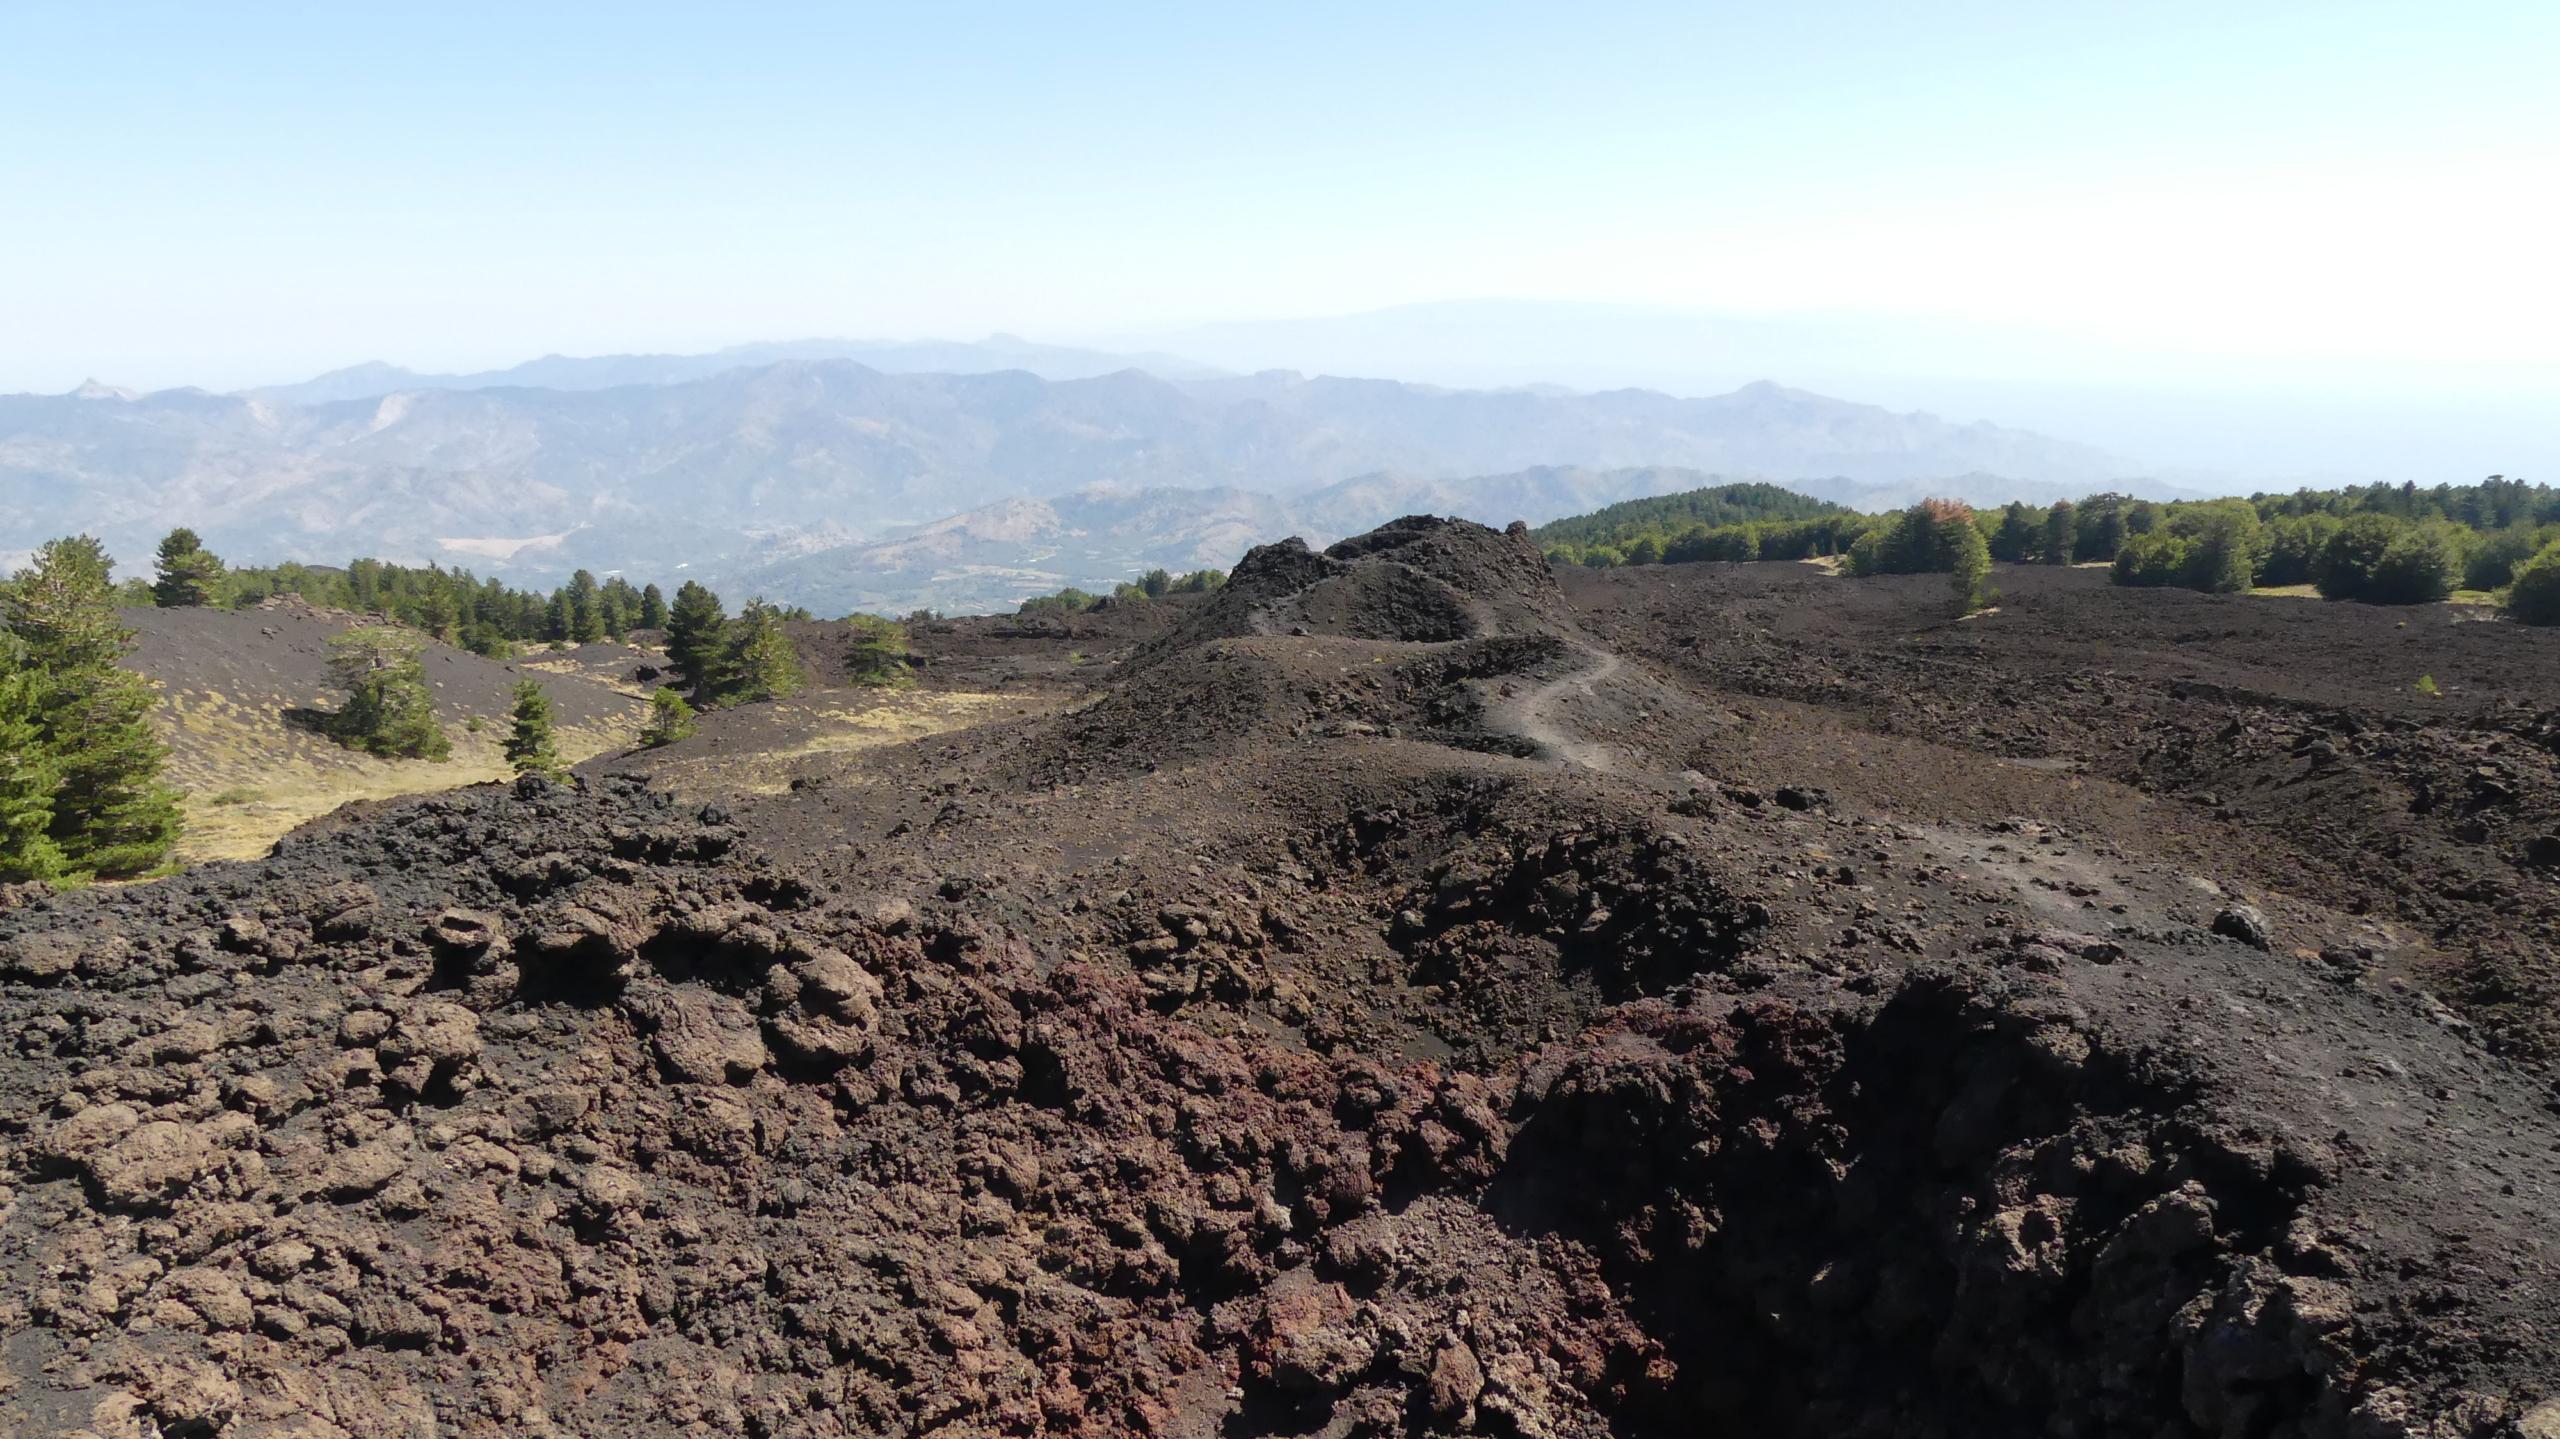 Bottoniera craters of Etna